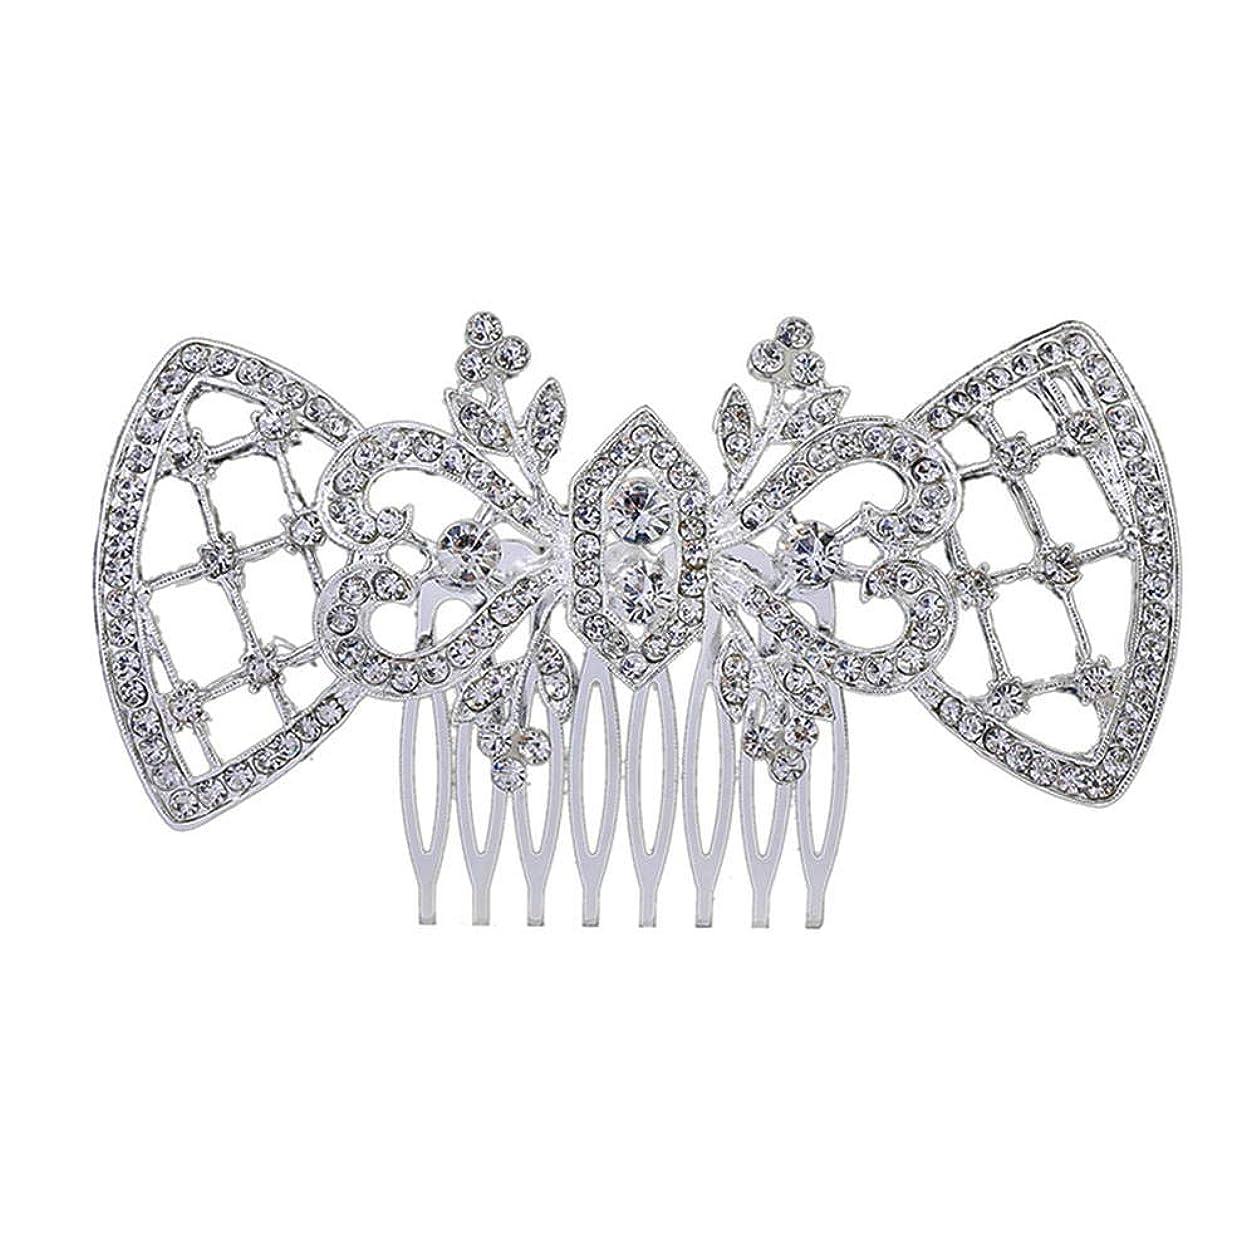 復讐周辺城髪の櫛、櫛、ブライダル髪、髪の櫛、ハート形、ラインストーンの櫛、合金の帽子、結婚式のアクセサリー